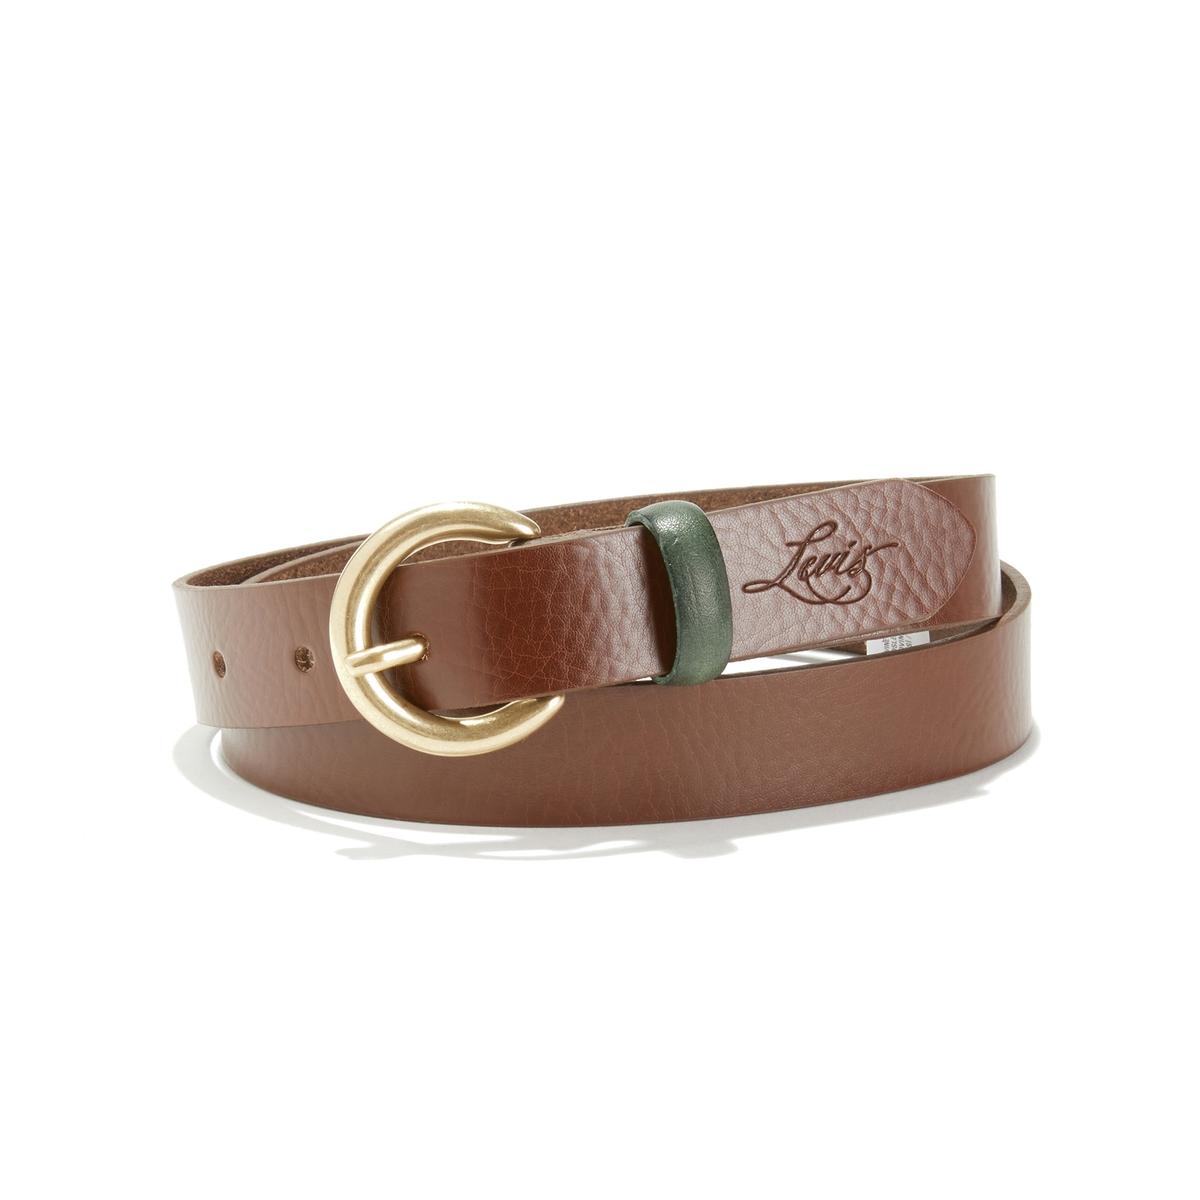 Cinturón de piel Larkspur